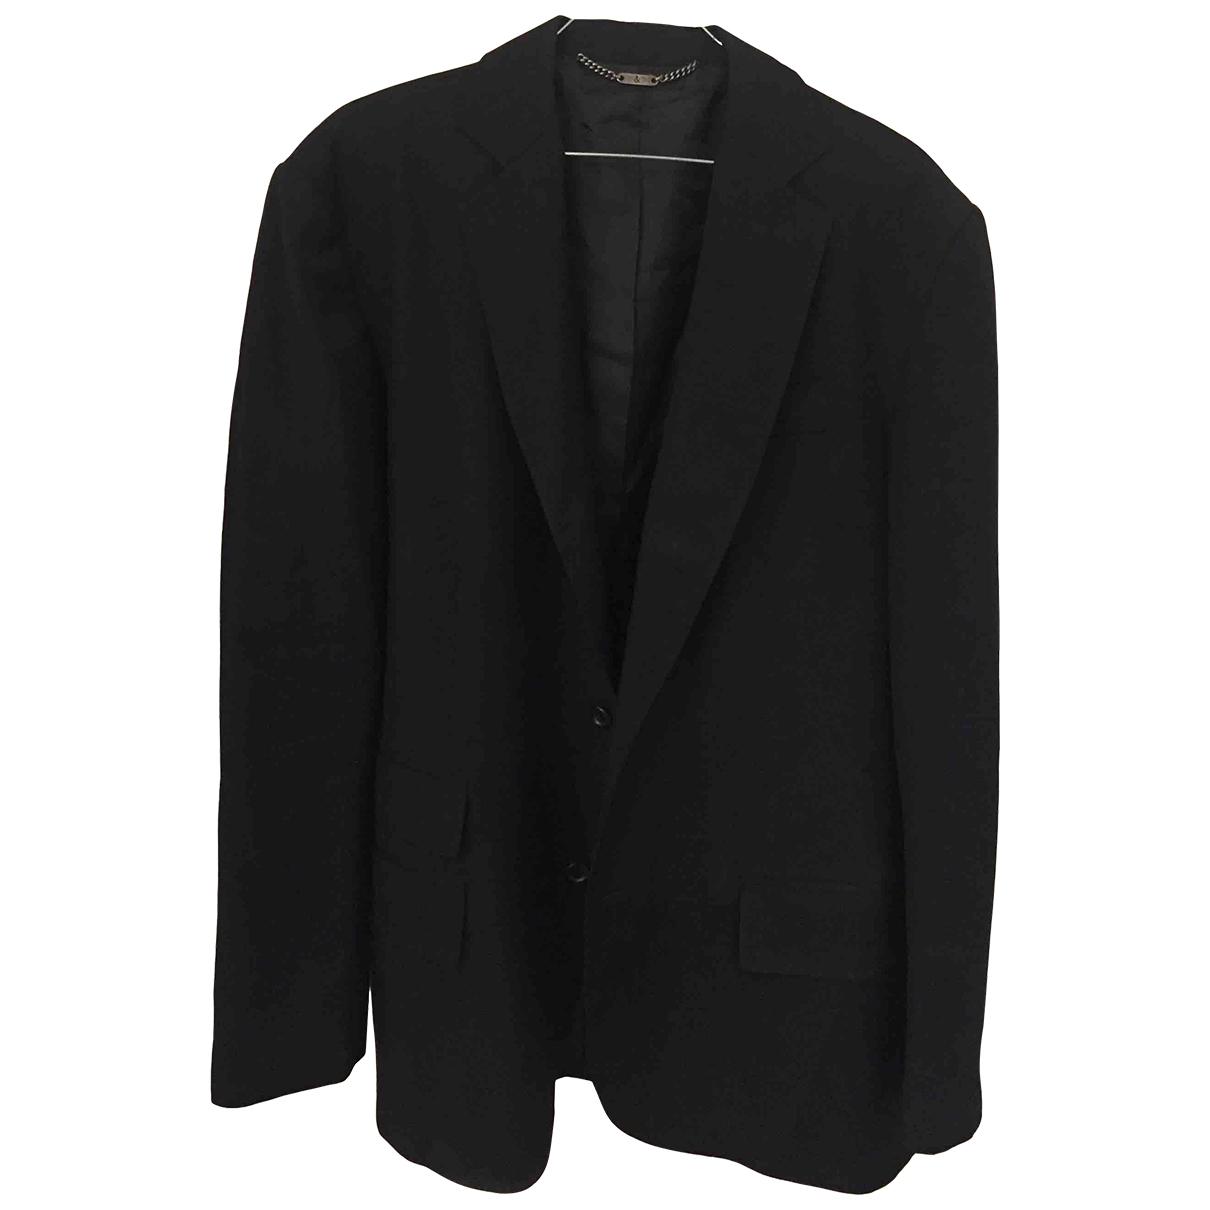 Dolce & Gabbana - Costumes   pour homme - noir